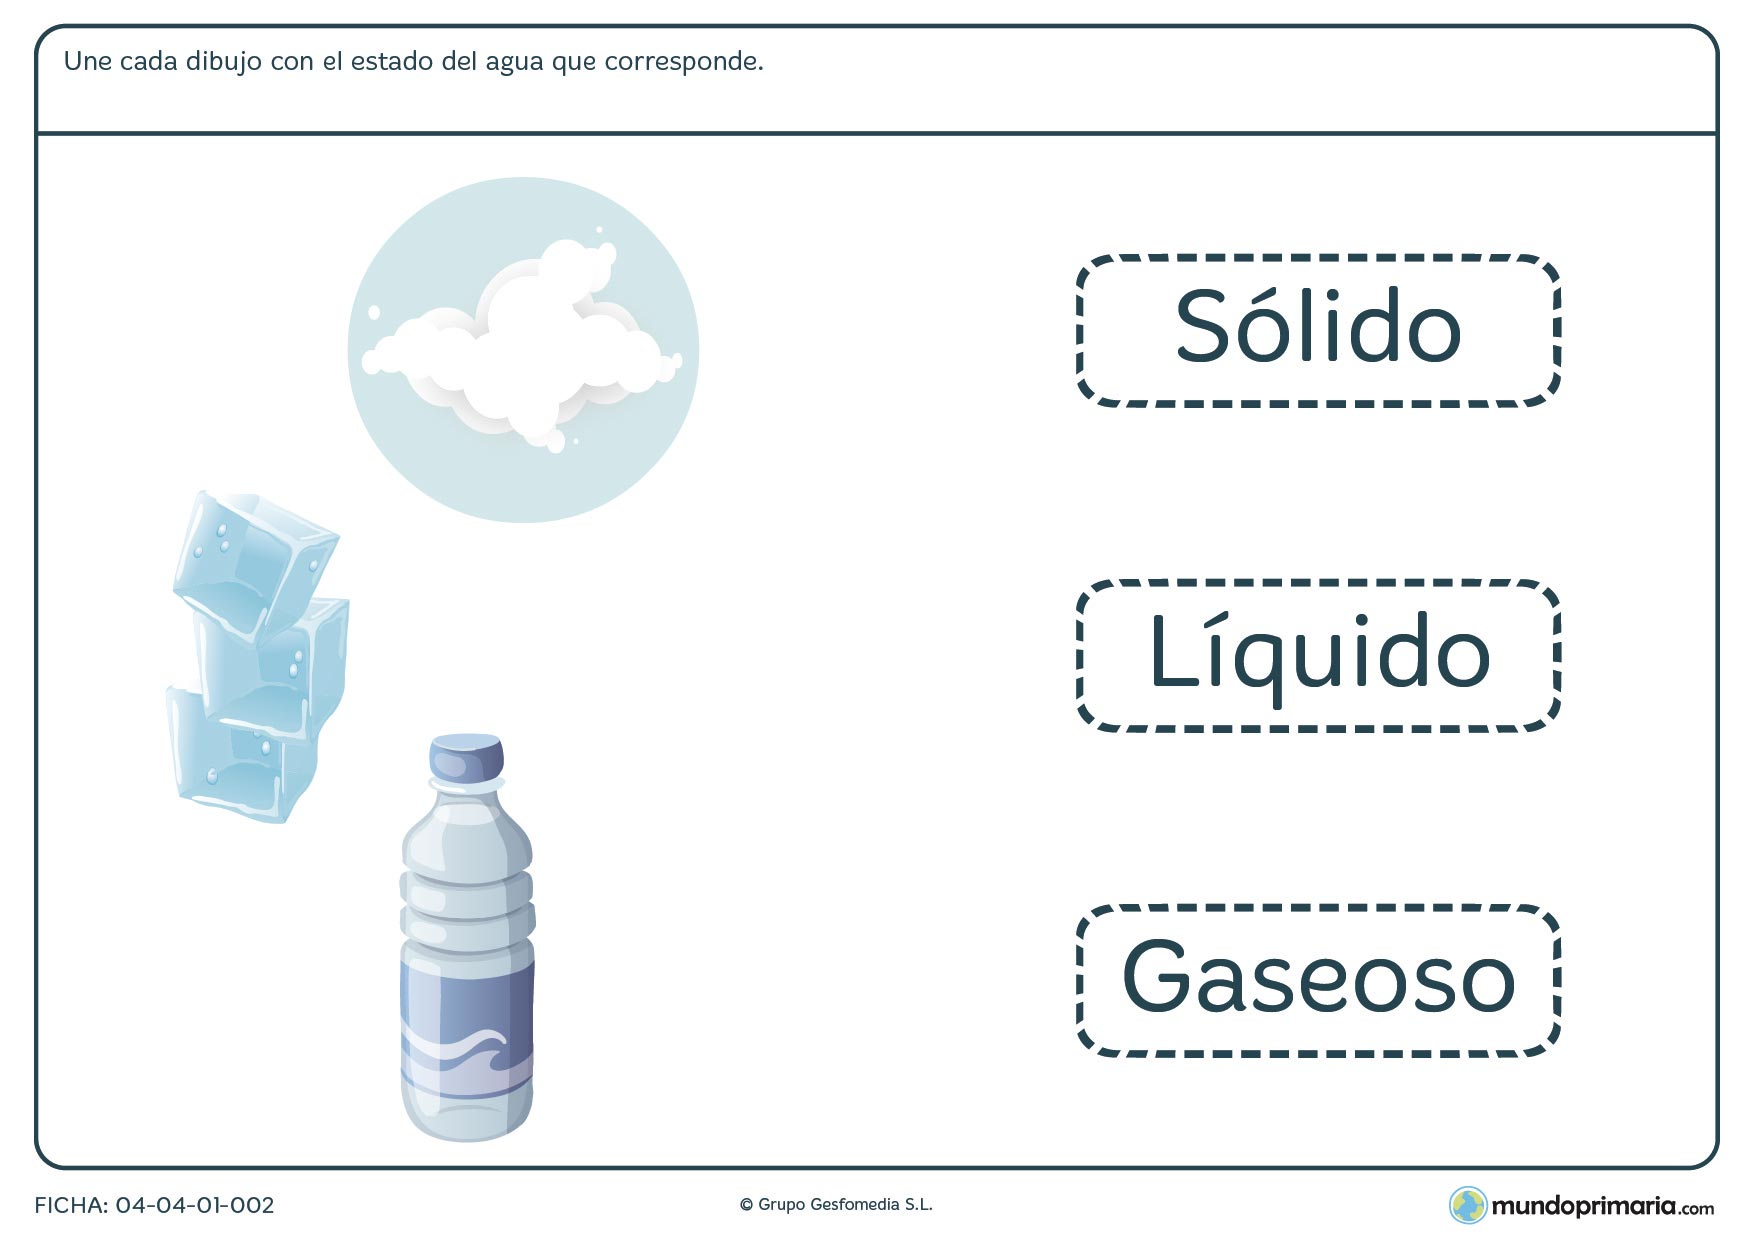 Ficha del agua y sus formas según la temperatura en la que tienes que relacionar un dibujo con su estado.